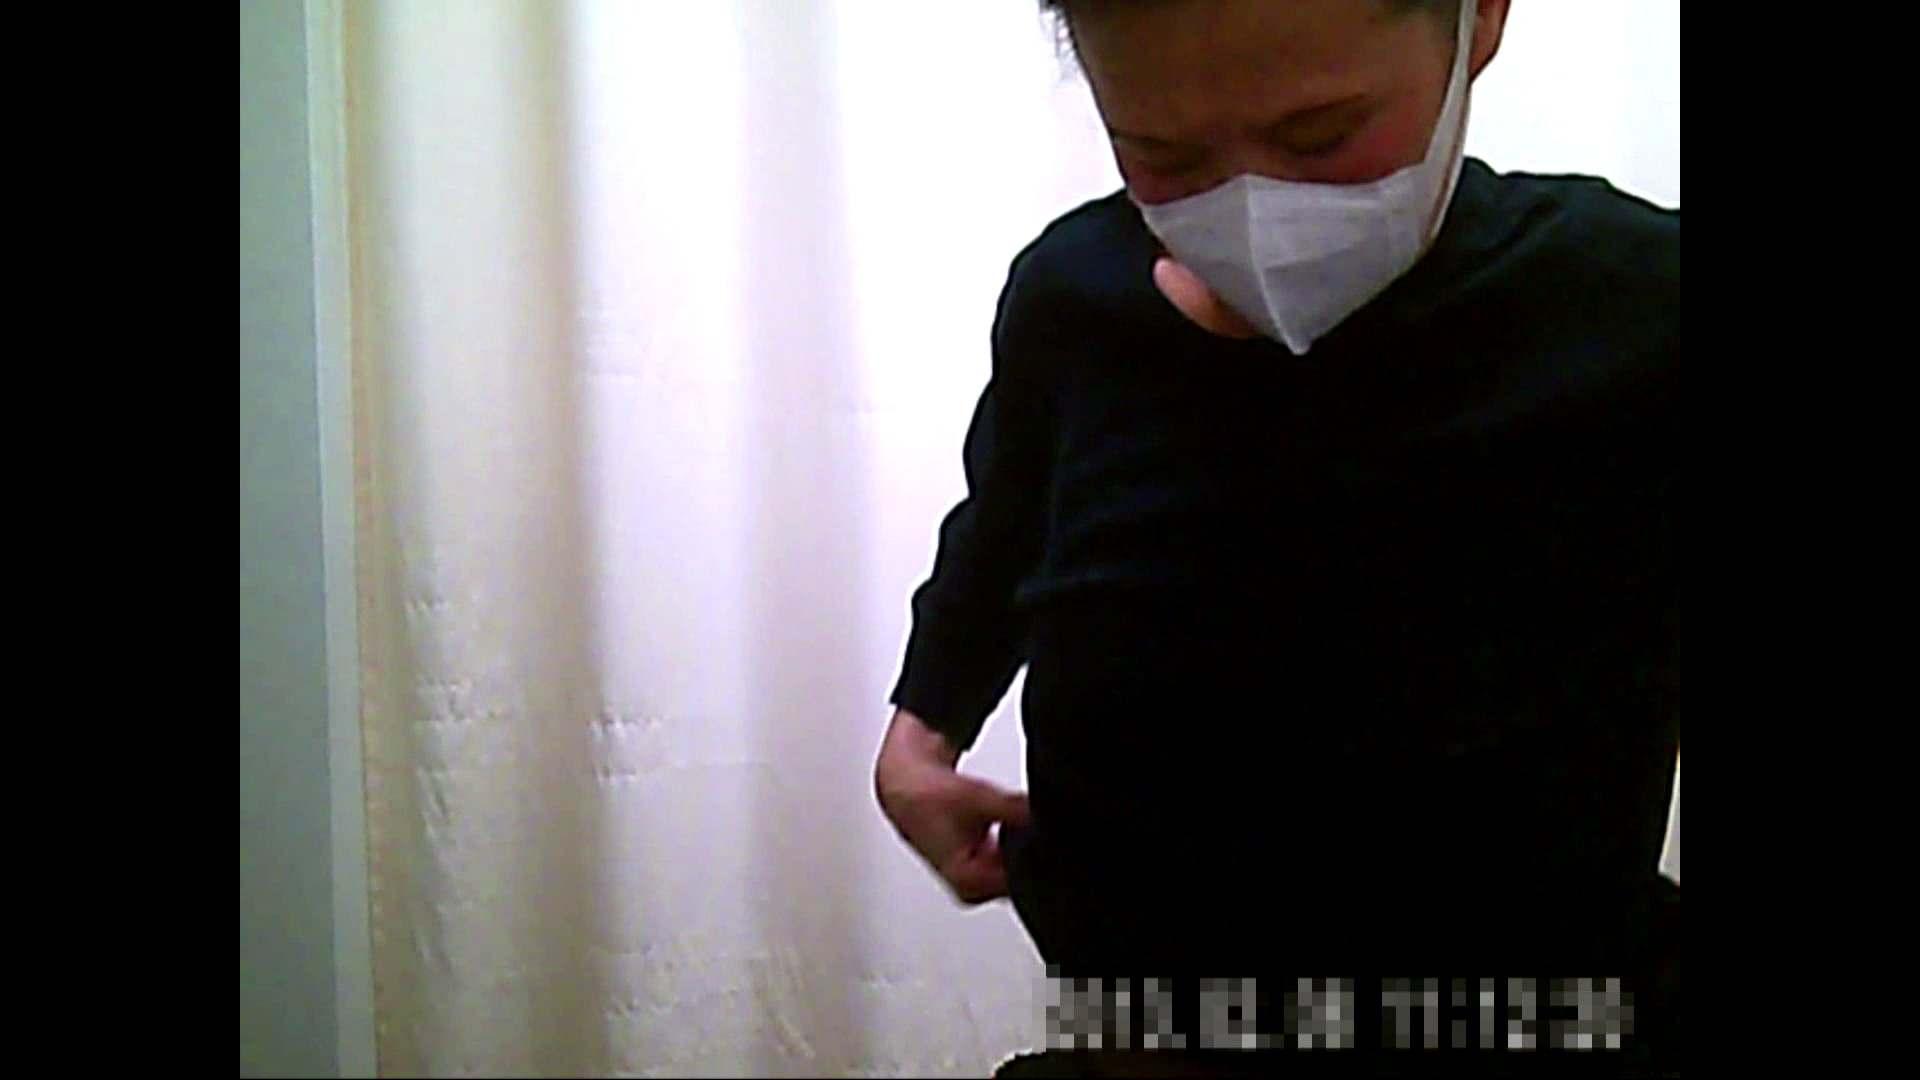 病院おもいっきり着替え! vol.150 着替え オマンコ動画キャプチャ 106画像 46